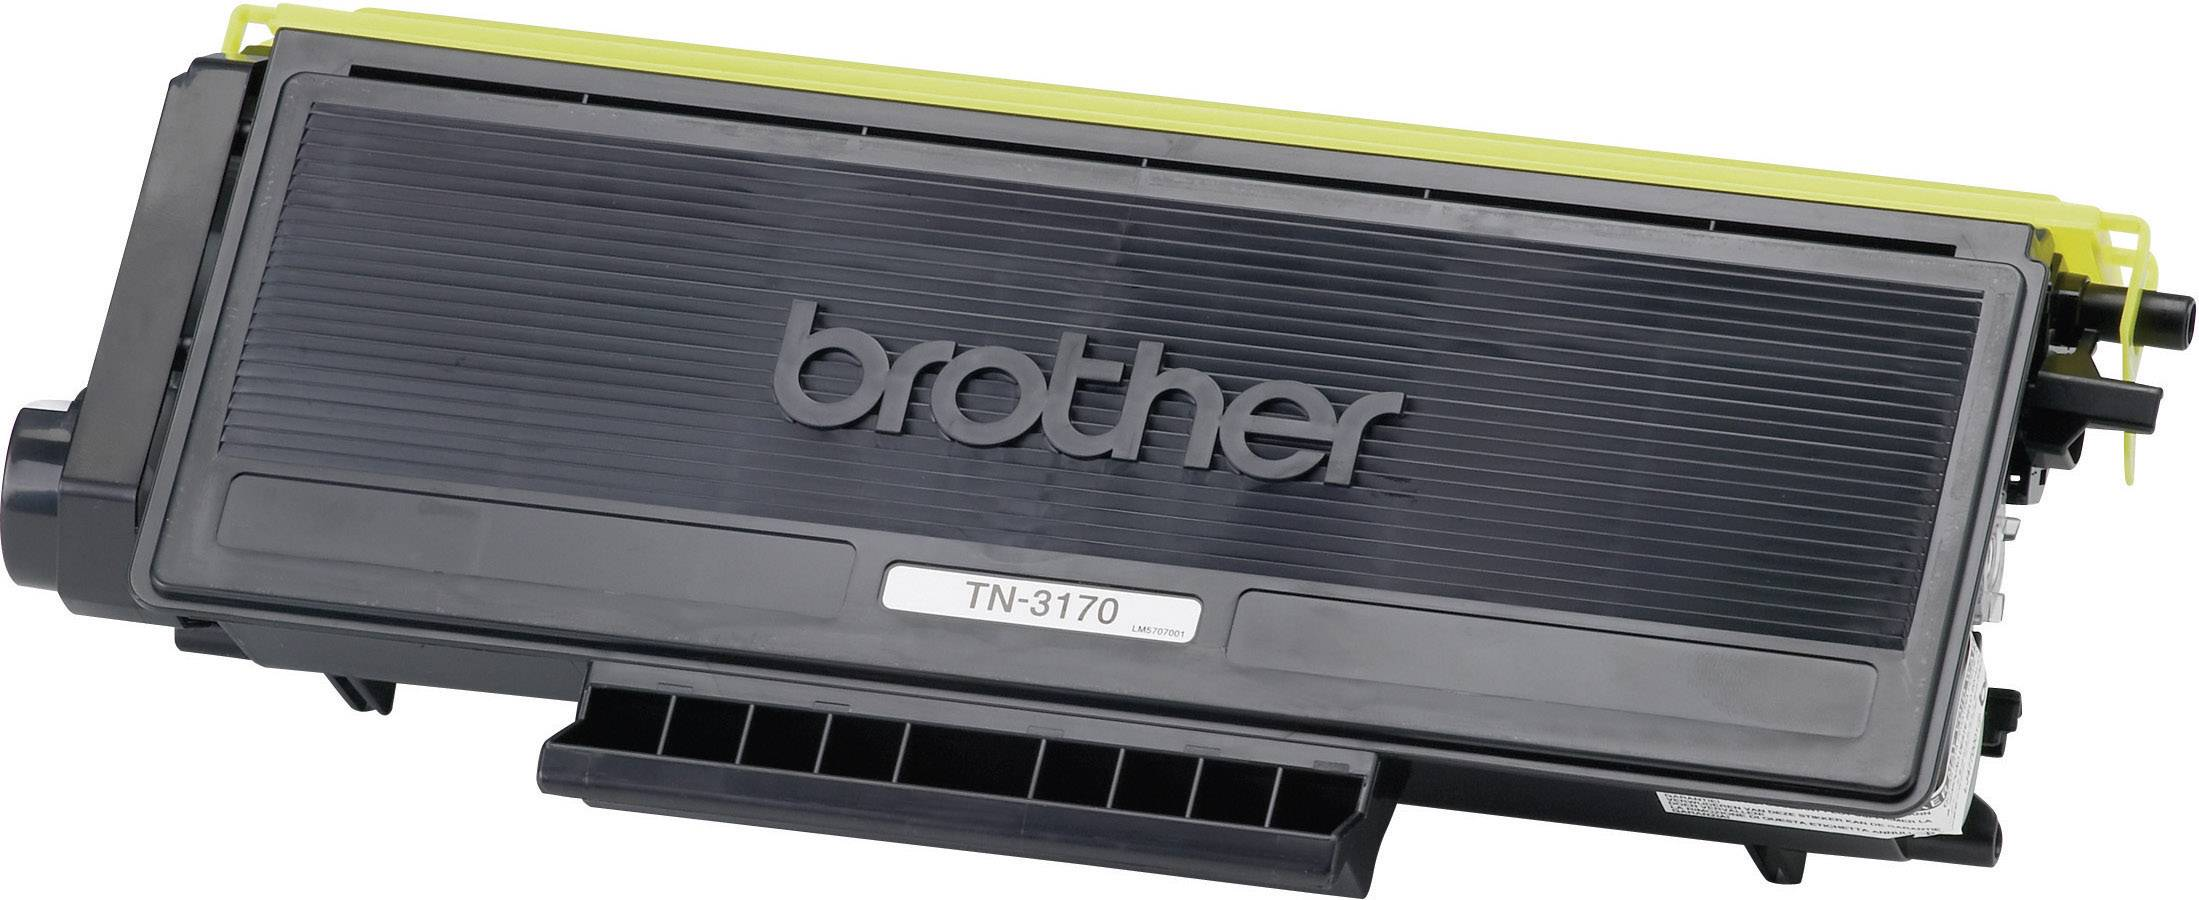 Originální toner Brother TN-3170, 7000 stránek, černá